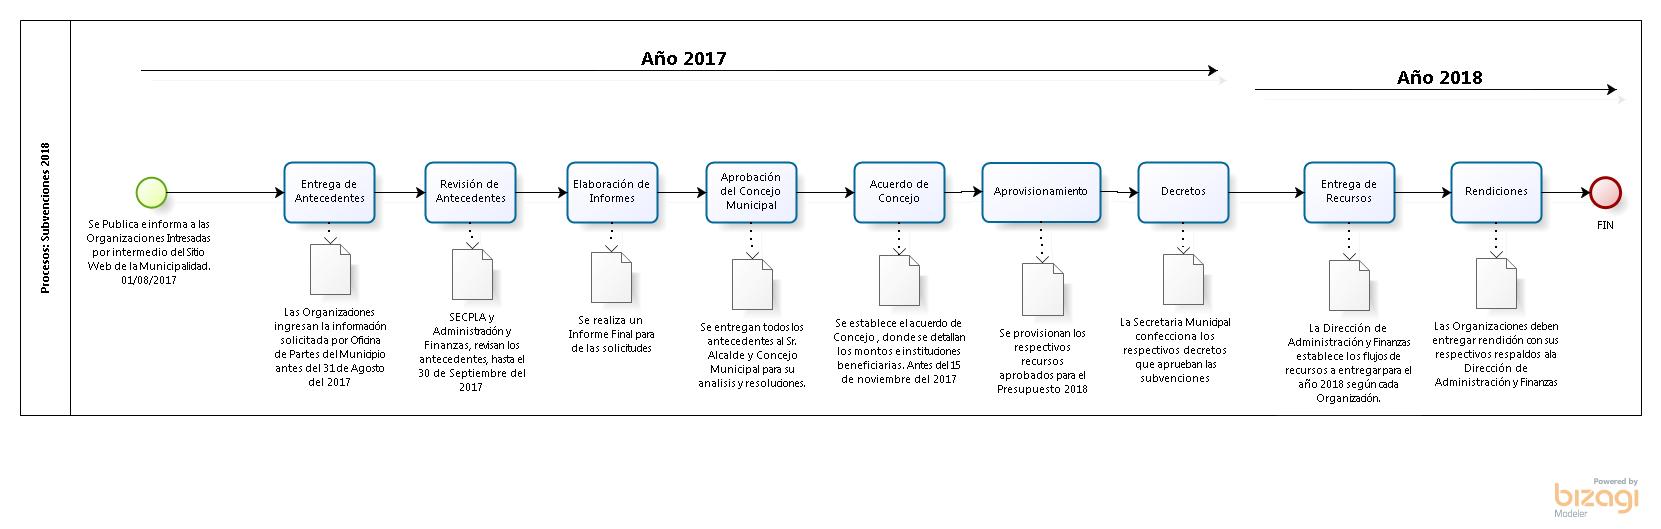 bmp proceso subvenciones 2018